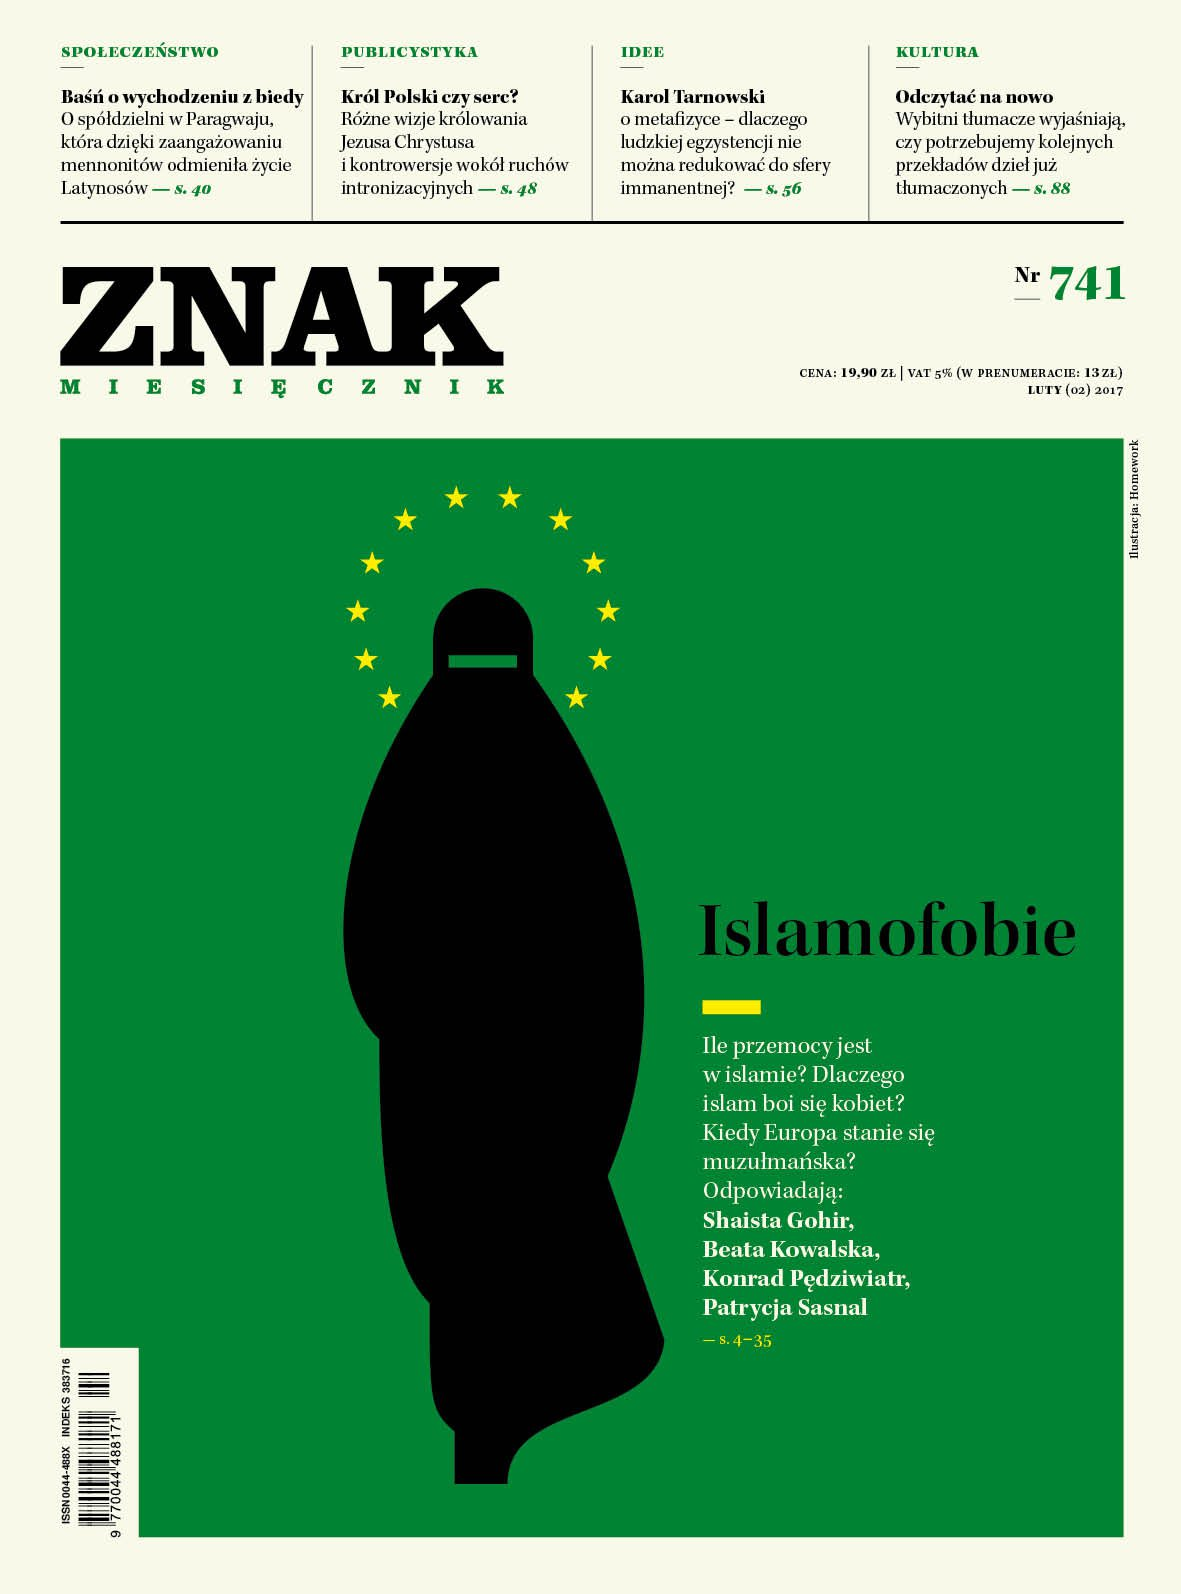 Miesięcznik Znak nr 741: Islamofobie - Ebook (Książka PDF) do pobrania w formacie PDF